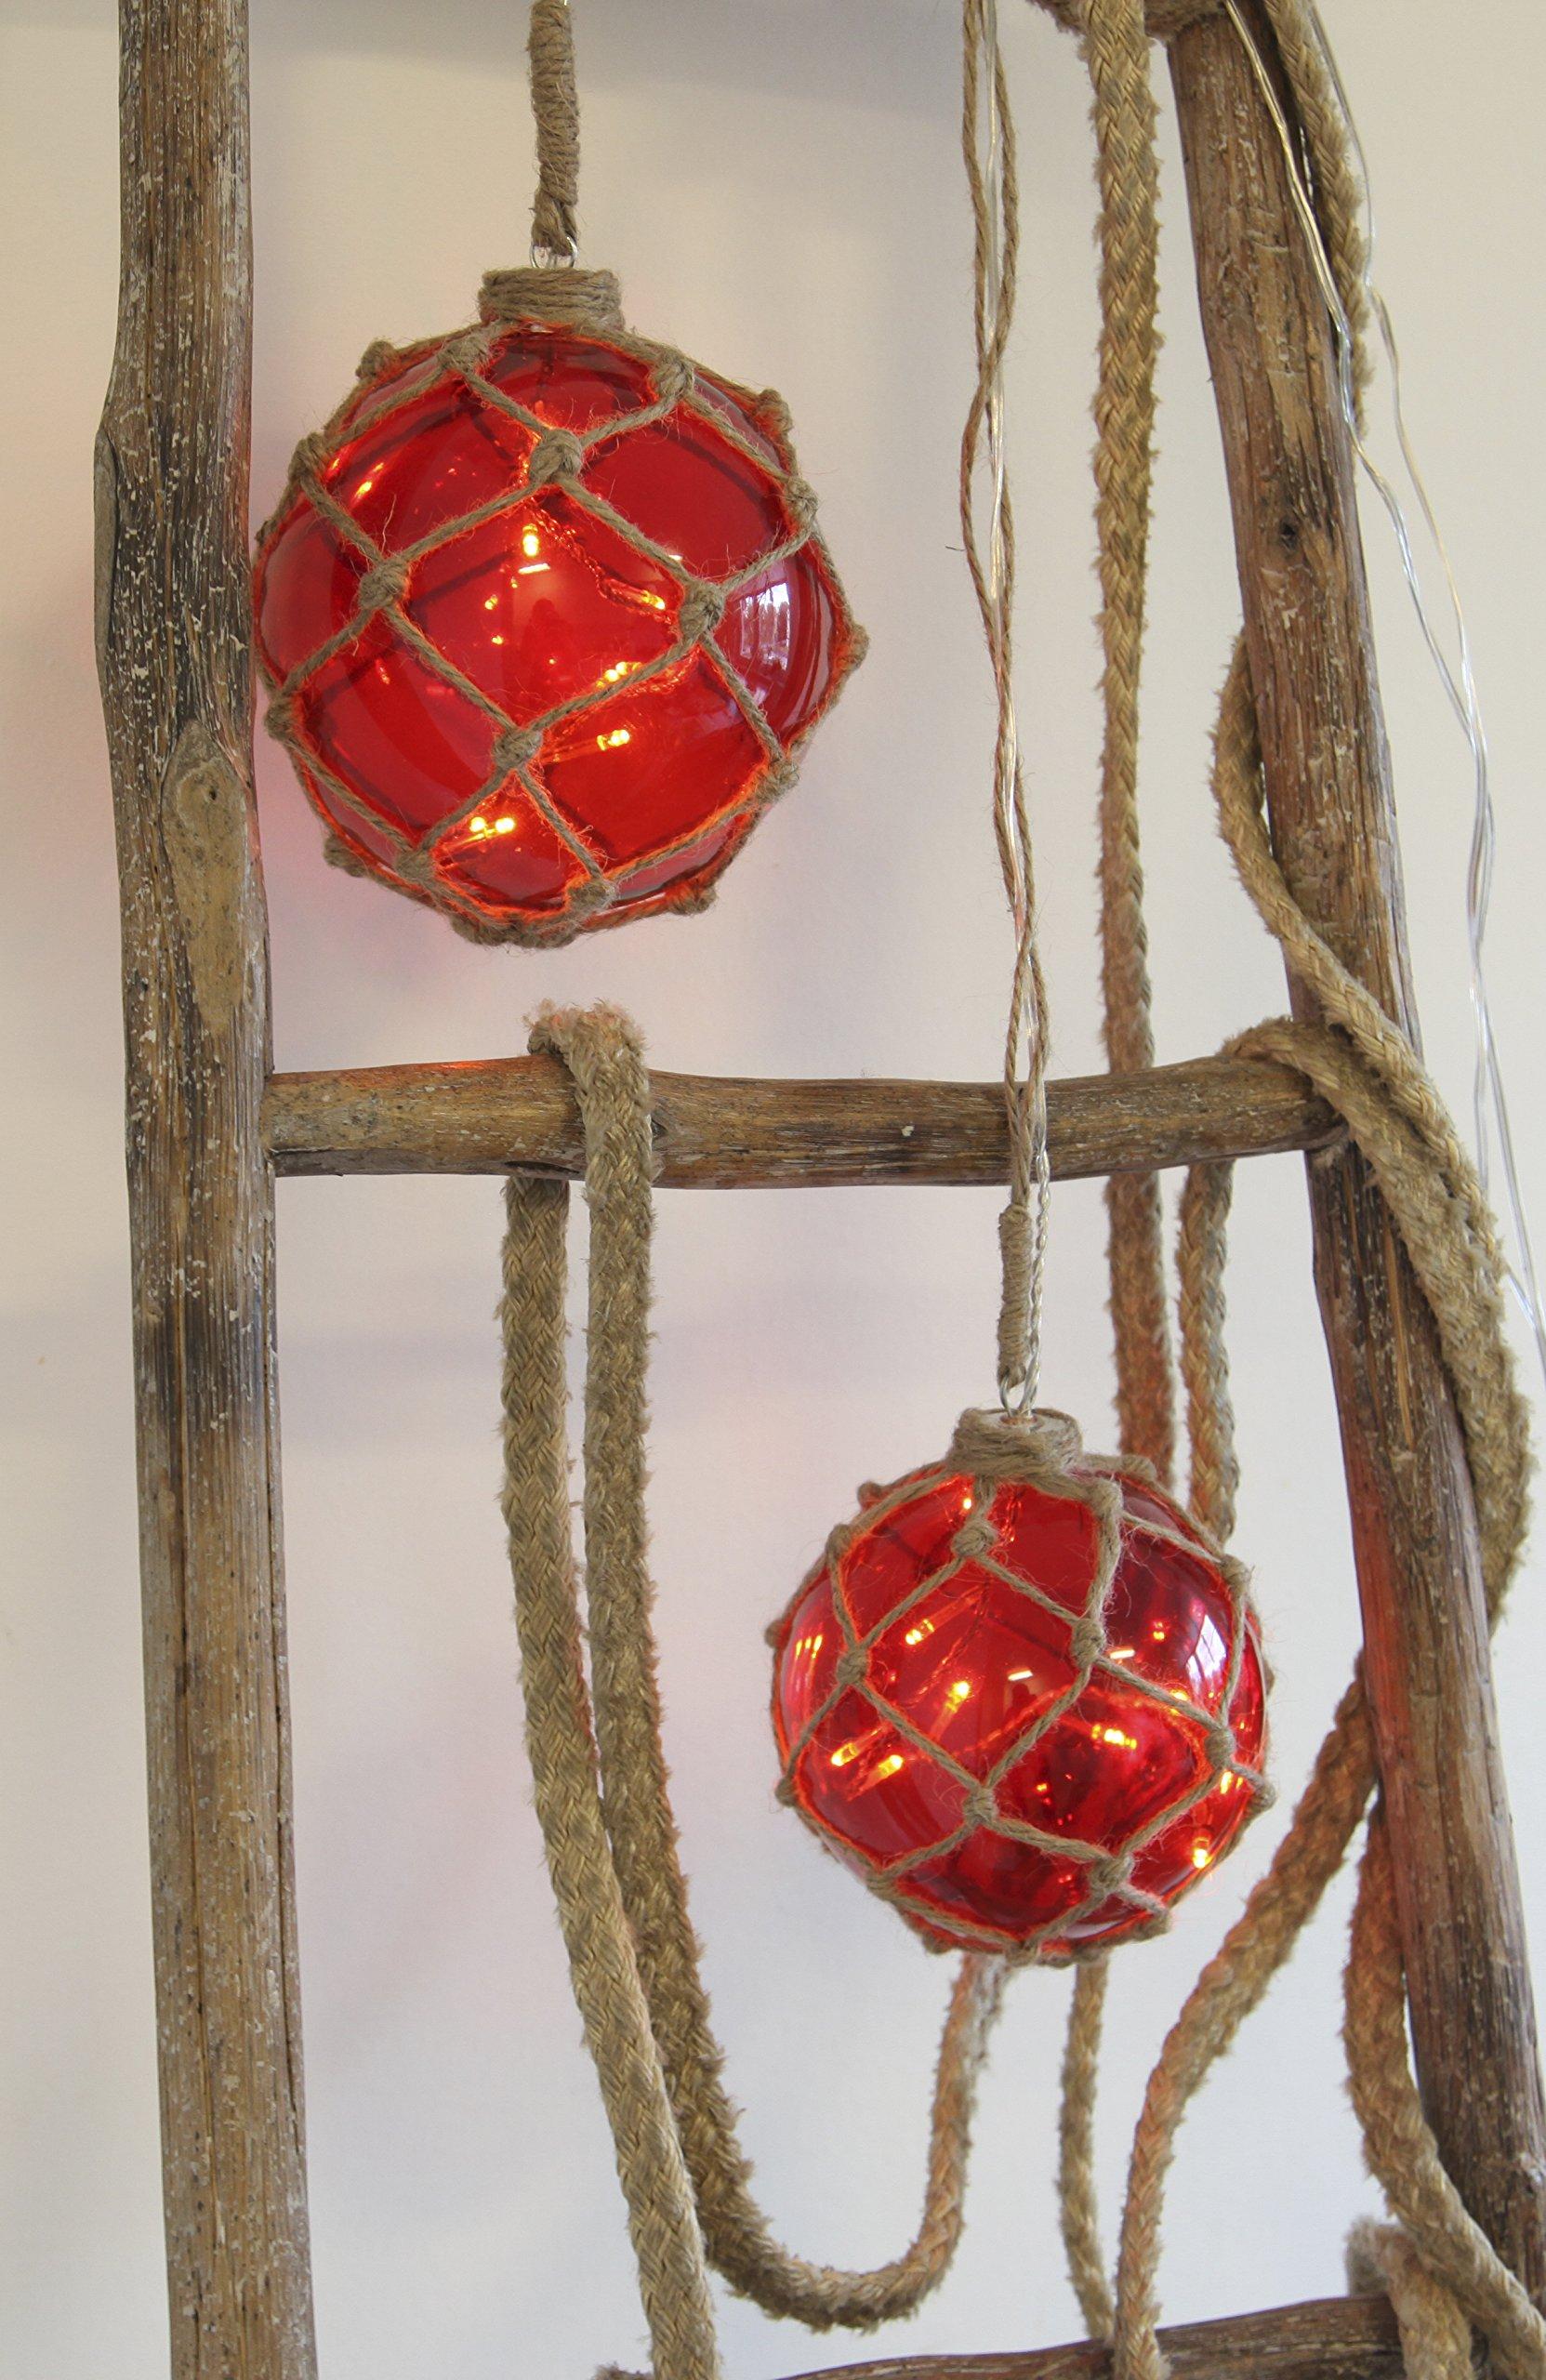 StarNoah-Glaskugel-mit-8-LED-Lichternrot-mit-Garnnetz-transparent-Kabel-Durchmesser-12-cm-Vierfarb-Karton-457-33